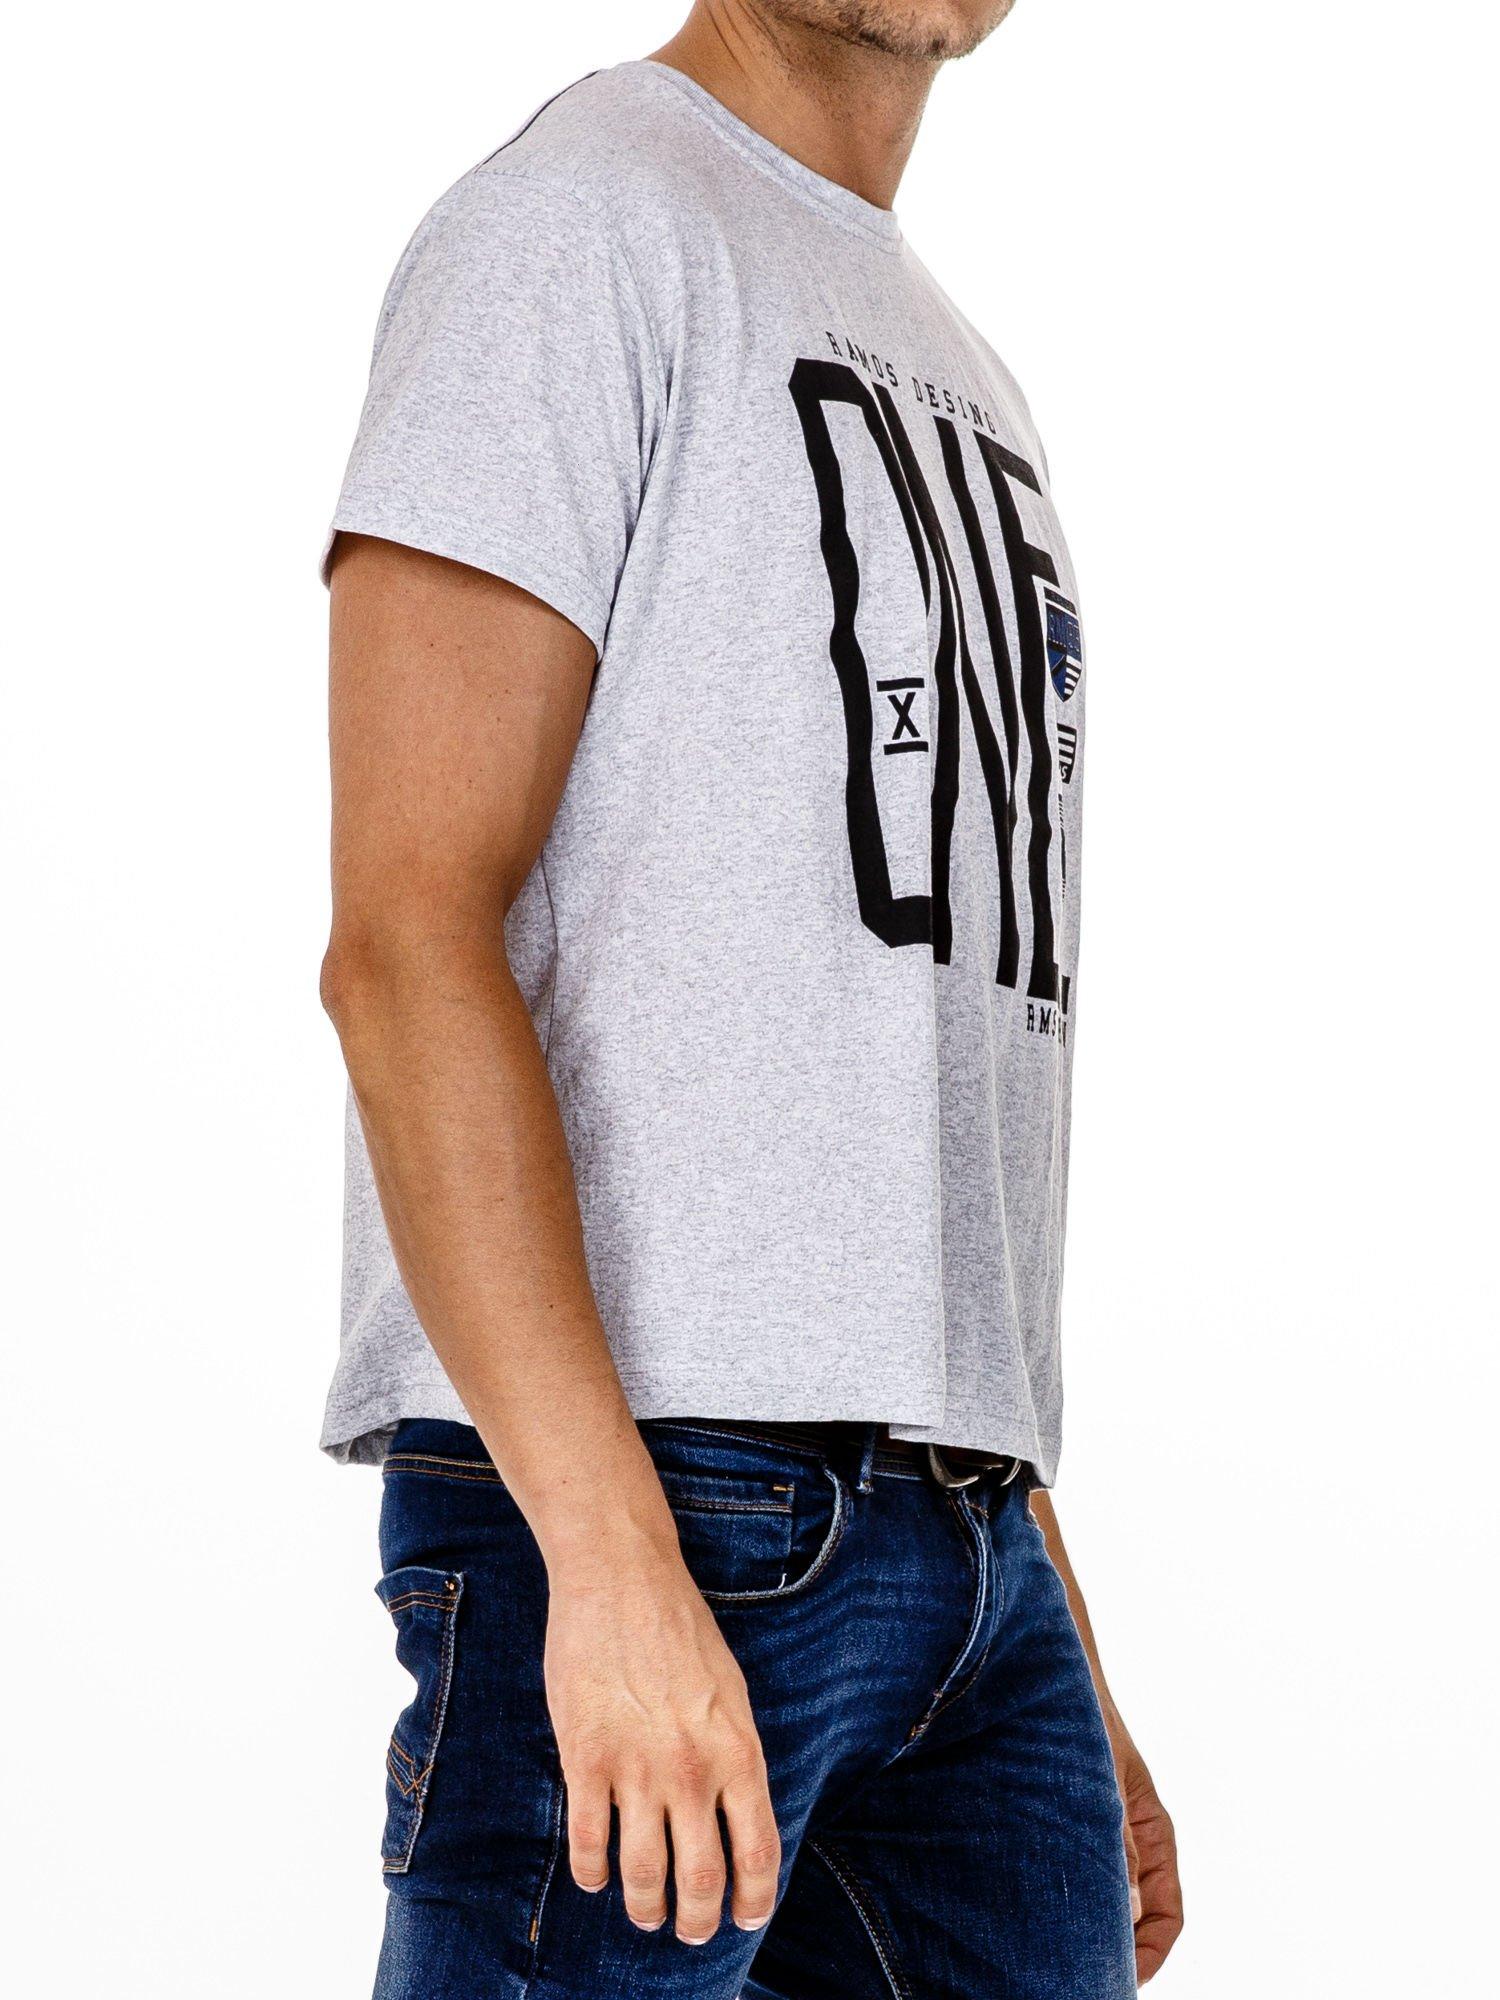 Szary t-shirt męski z nadrukiem i napisem ONE                                  zdj.                                  3